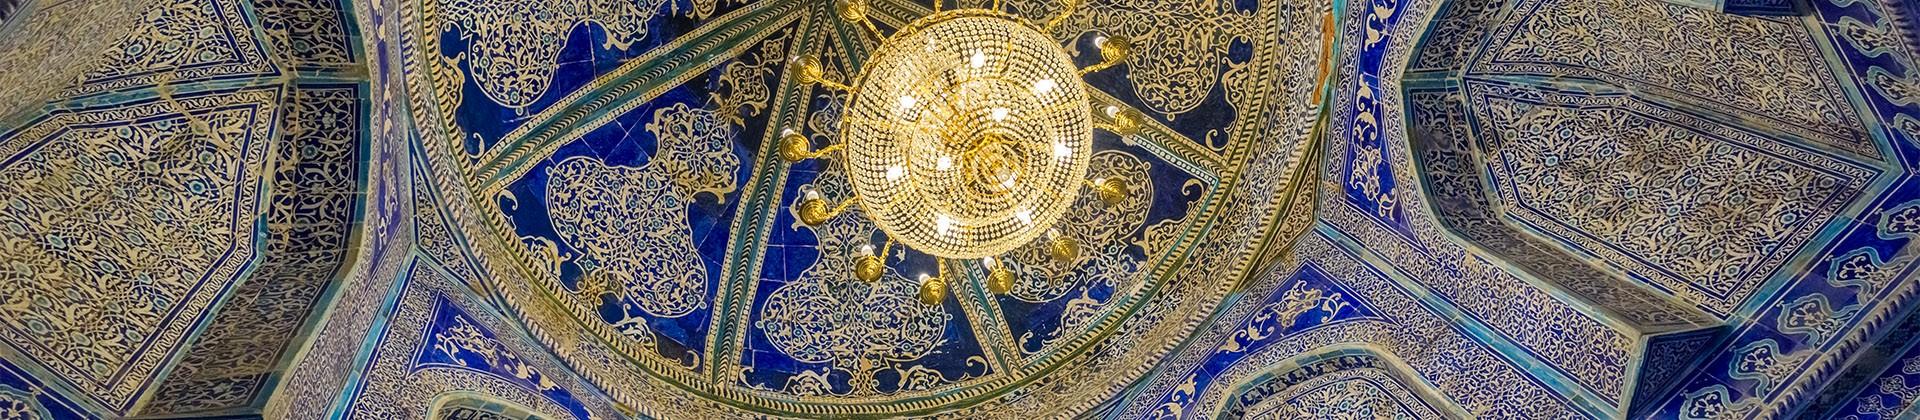 Pahlavan Mahmud Mausoleum - 1